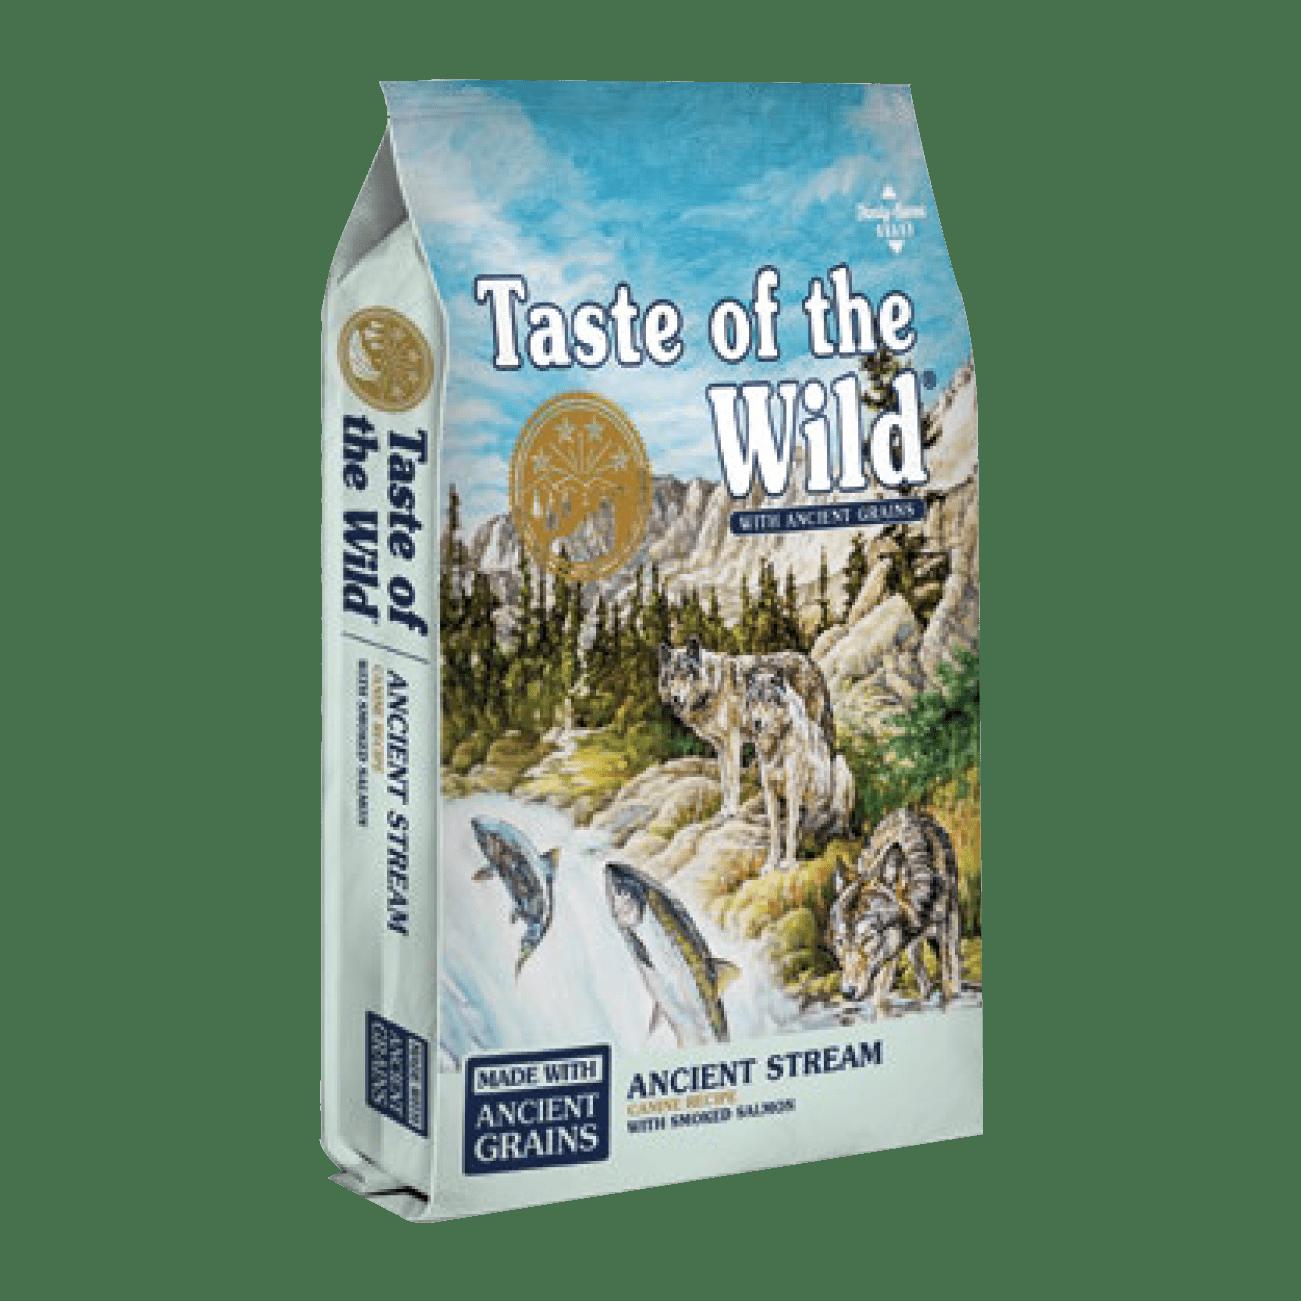 Taste of the Wild -Statewide Service Center